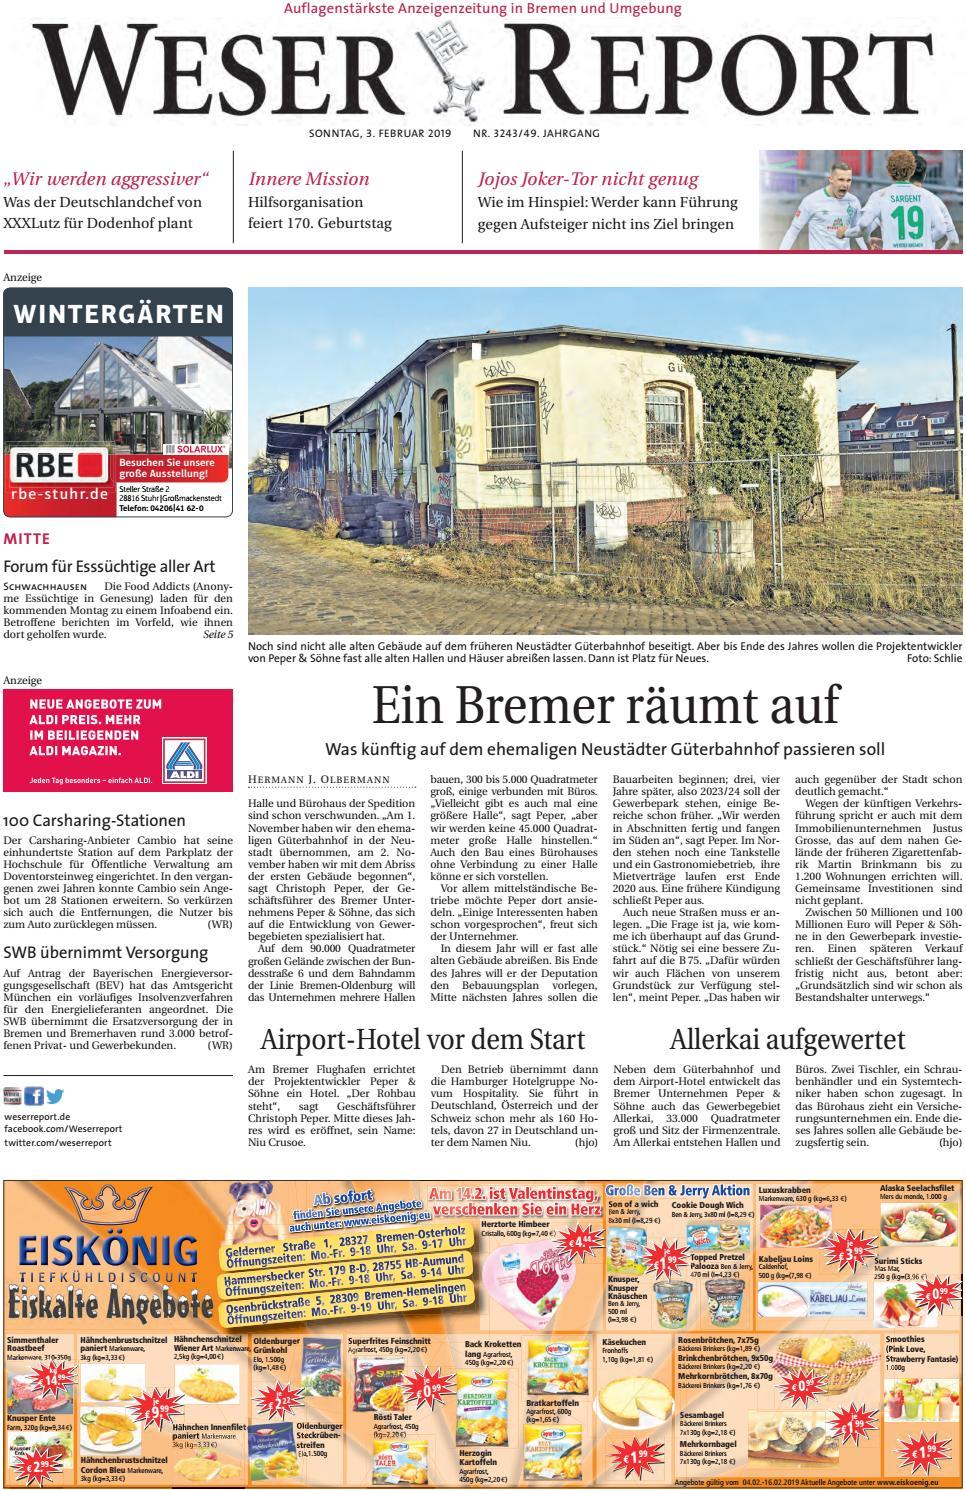 Weser Report - Mitte vom 03.02.2019 by KPS Verlagsgesellschaft mbH ...